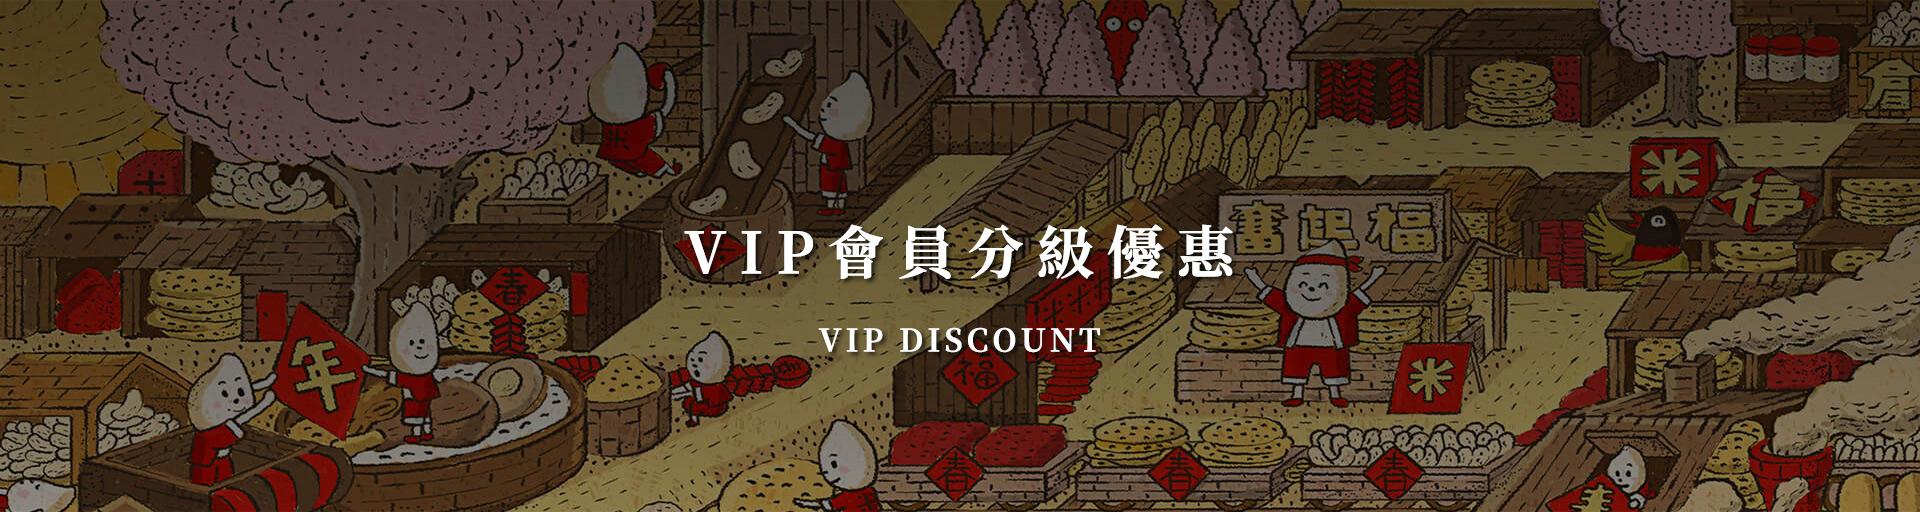 奮起福米餅VIP會員優惠-嘉義伴手禮推薦